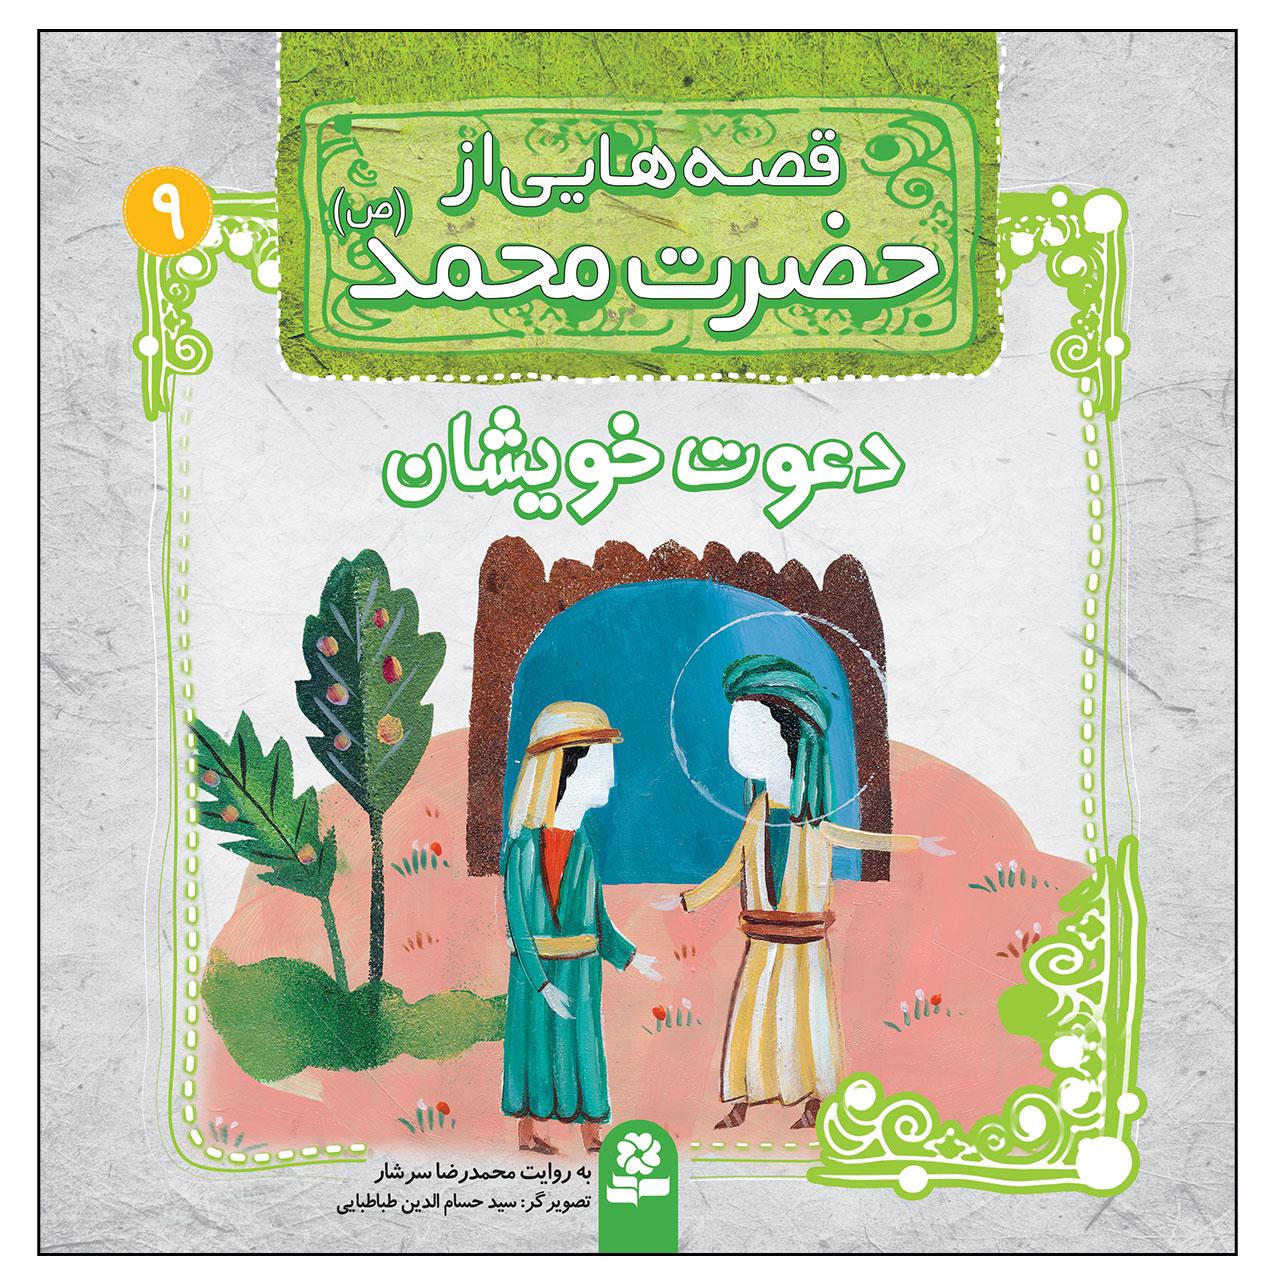 خرید                      کتاب قصه هایی از حضرت محمد (ص) 9 دعوت خویشان اثر محمد رضا سرشار انتشارات قدیانی